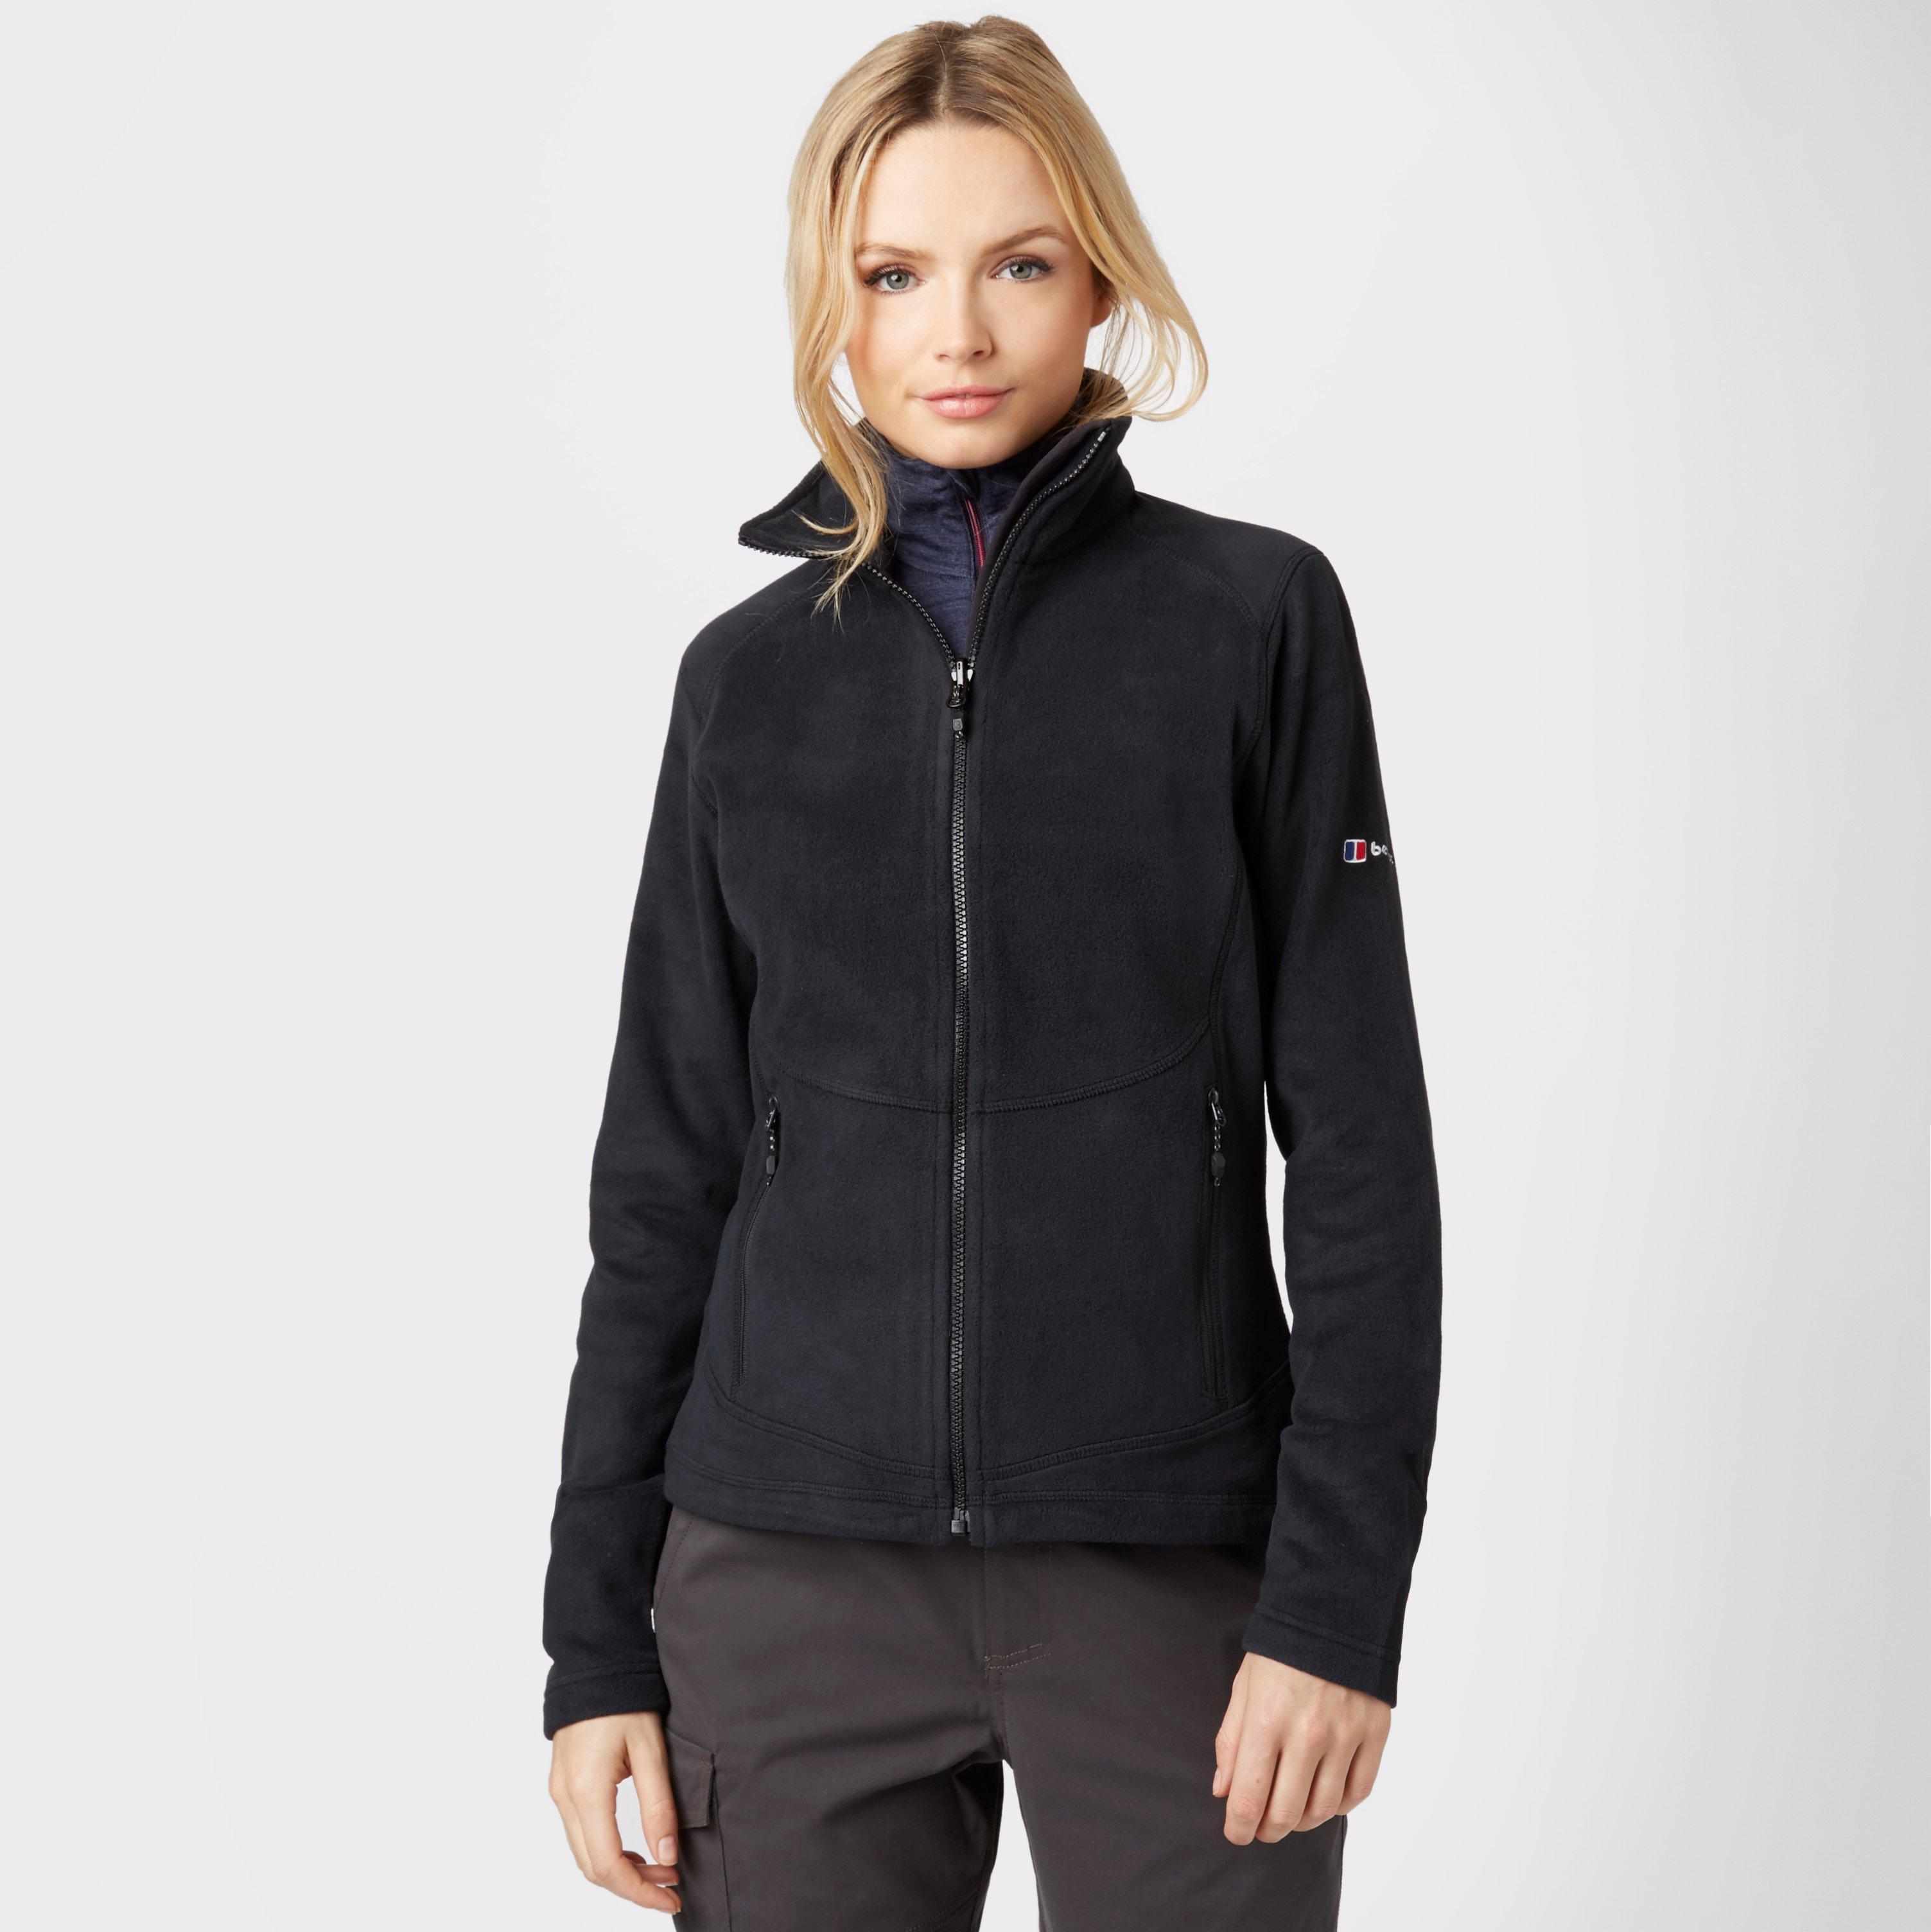 Men's quest 150 fleece full zip jacket